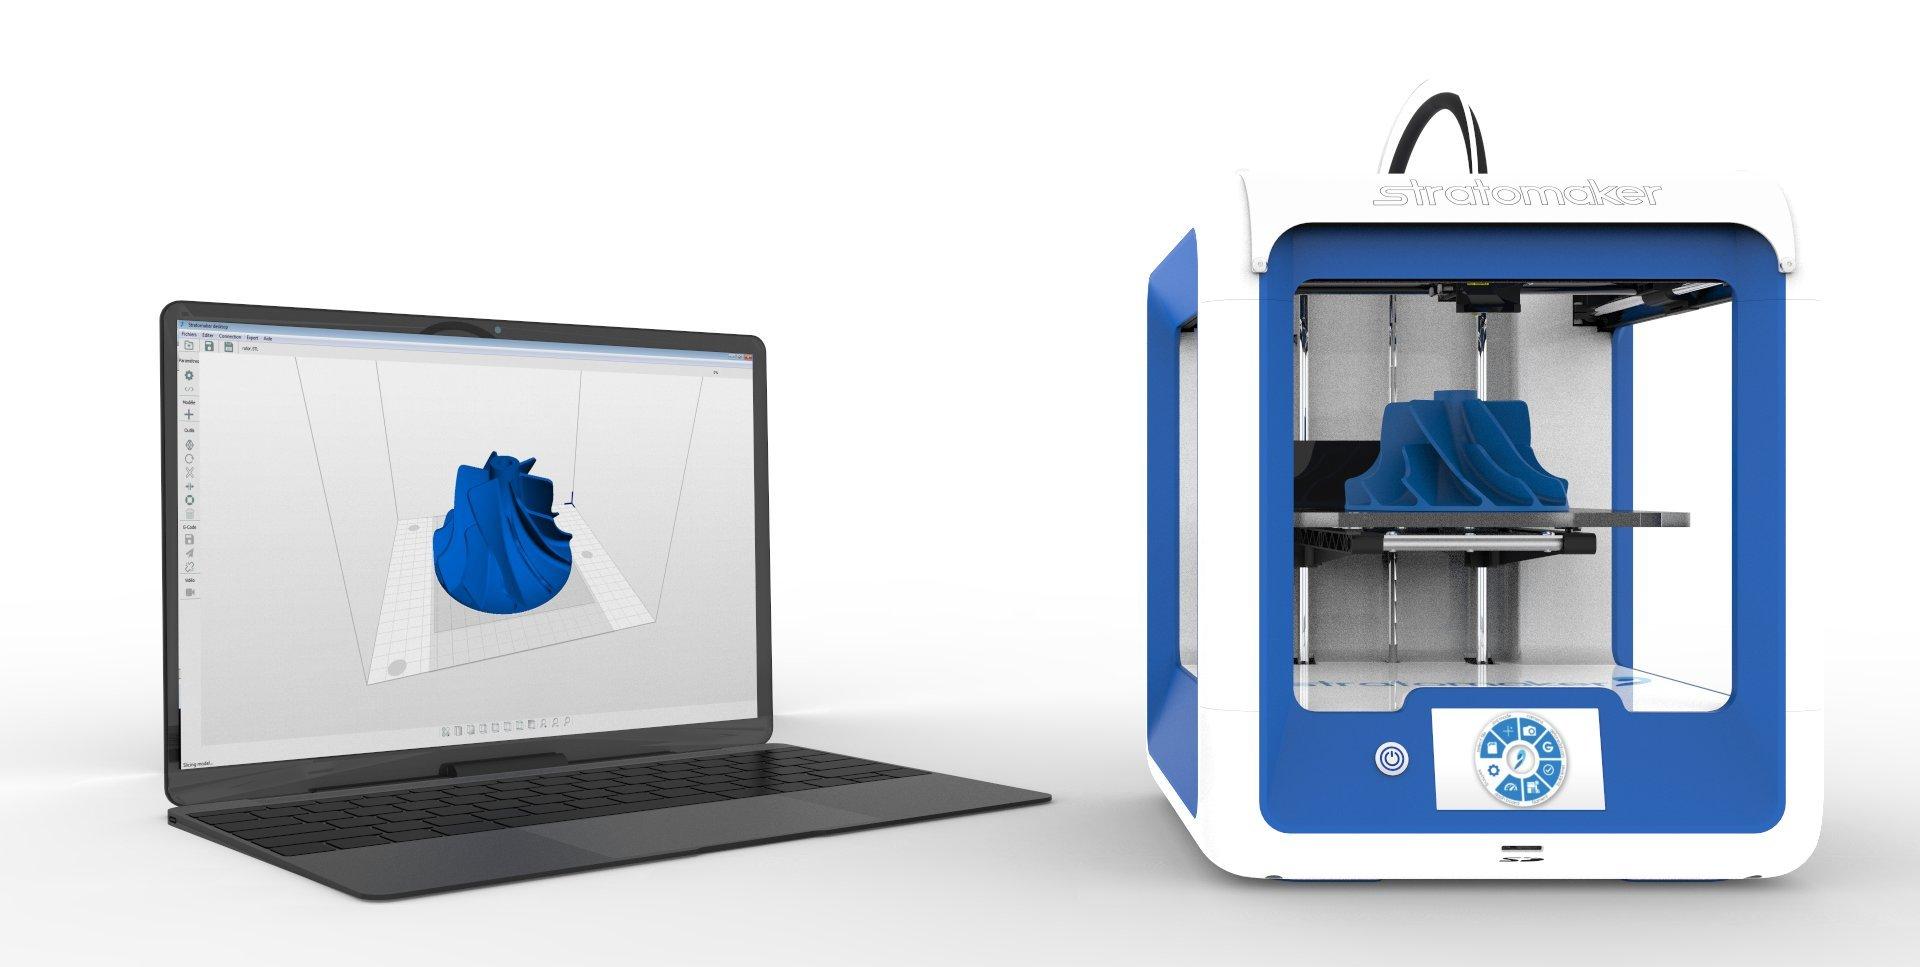 Stratomaker impresora 3D